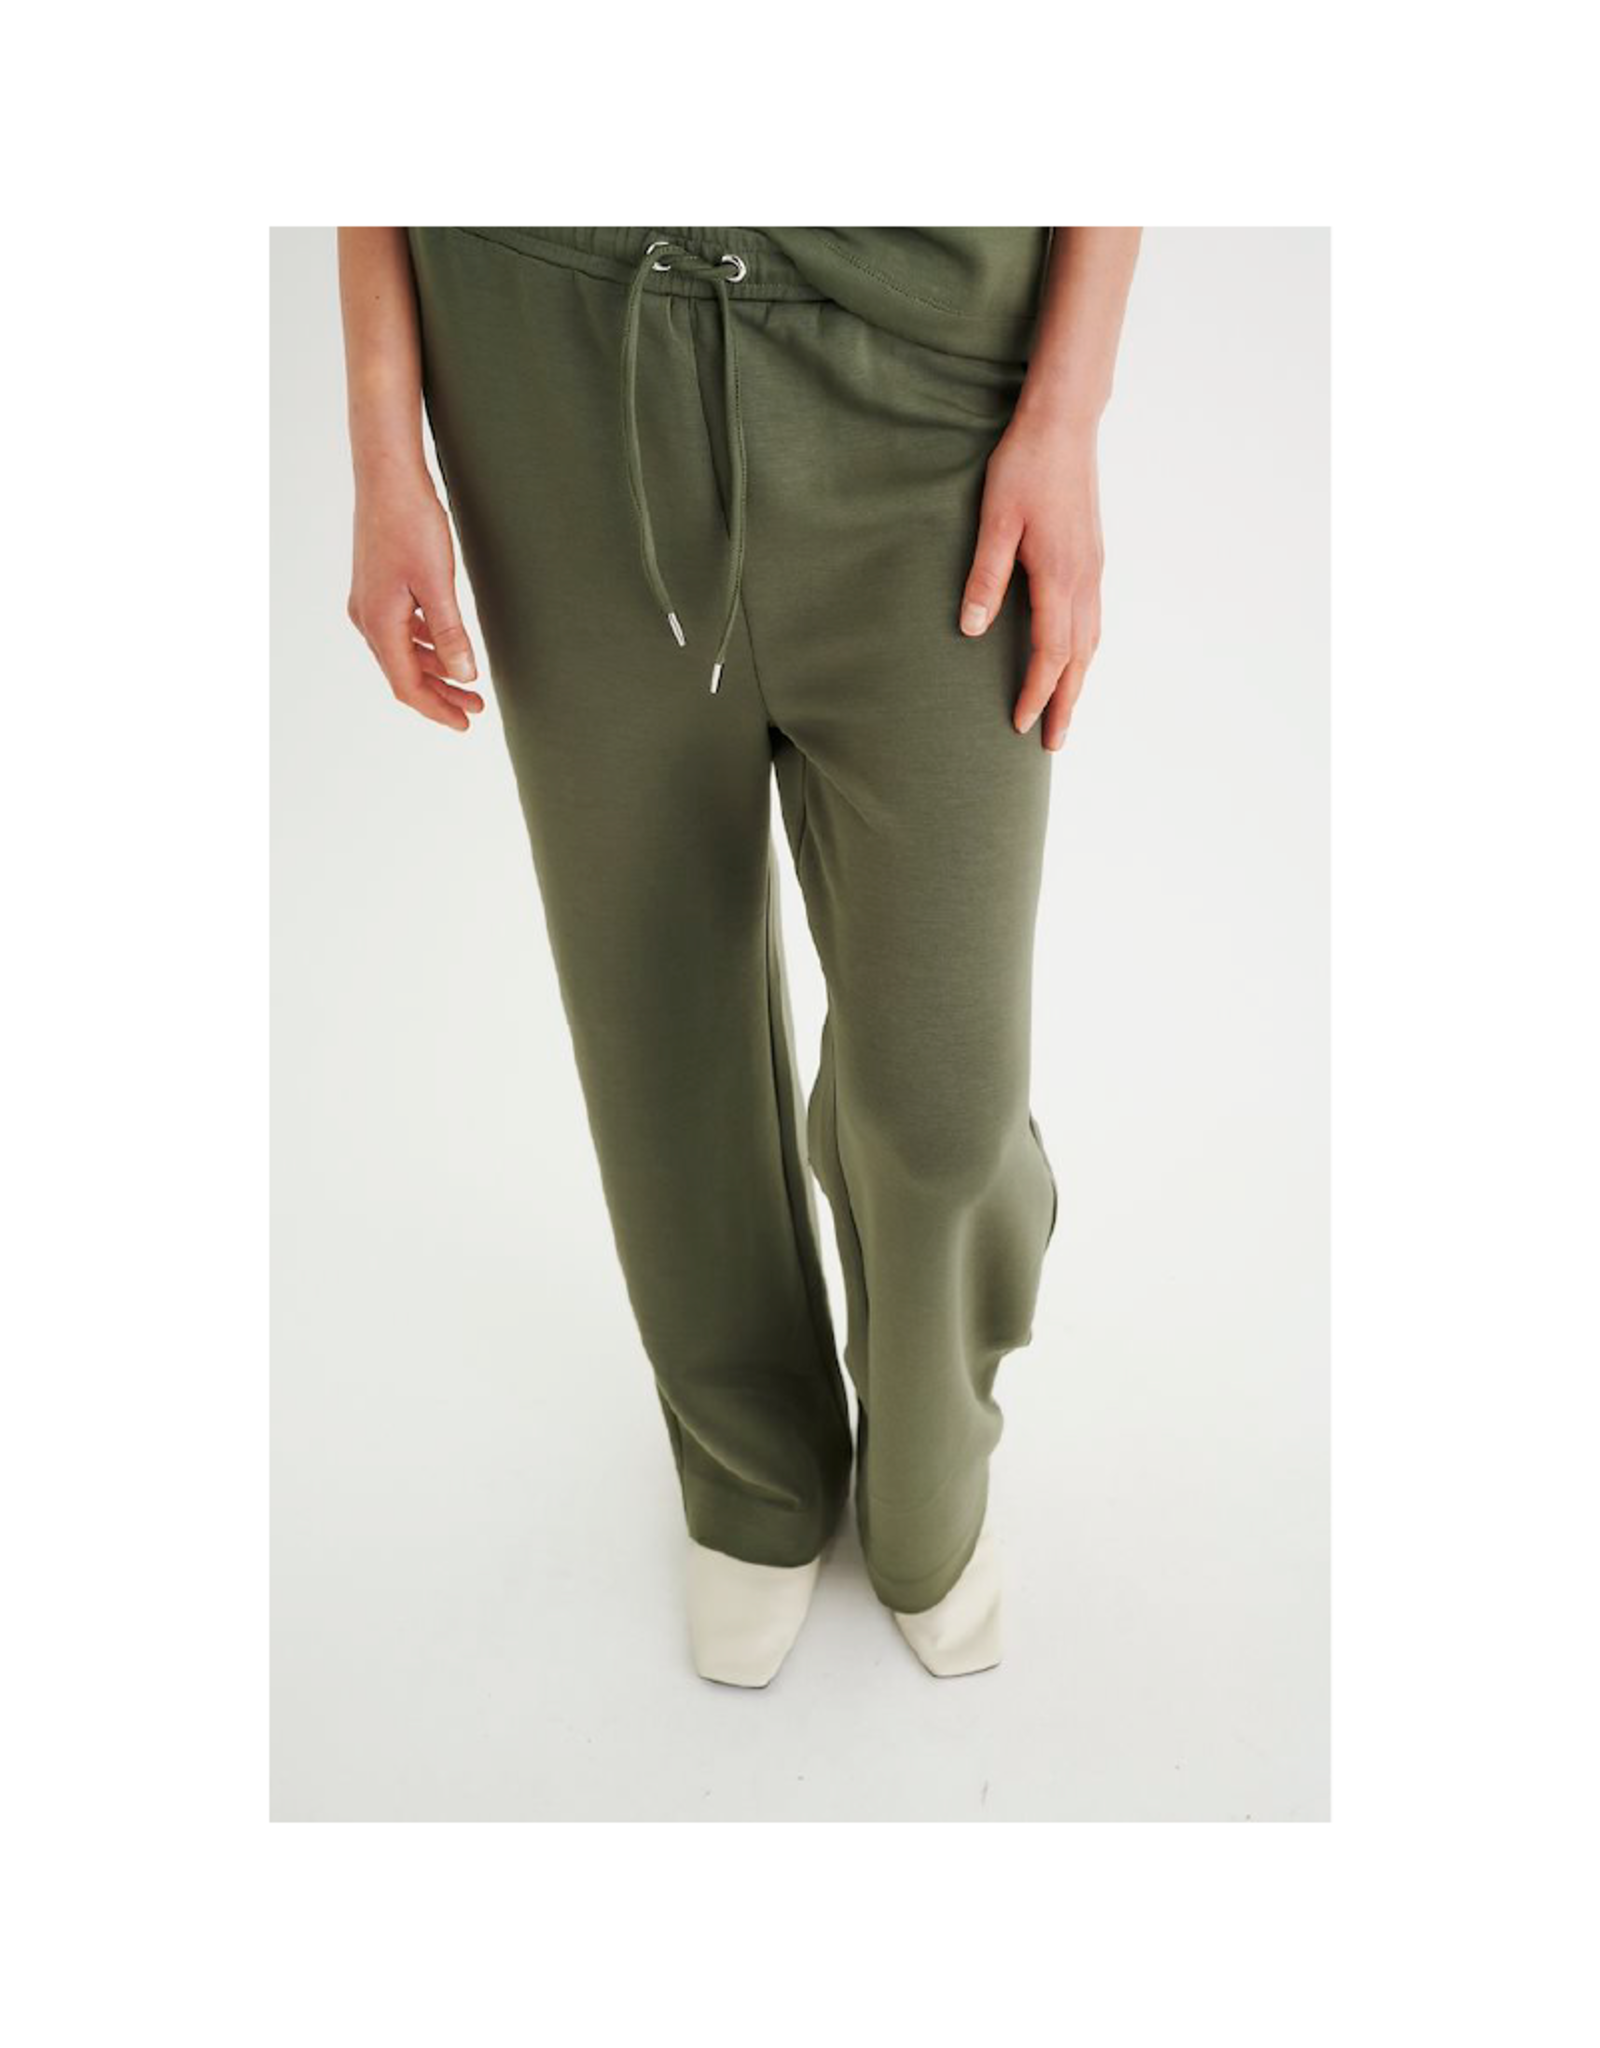 Inwear Super Soft Pant